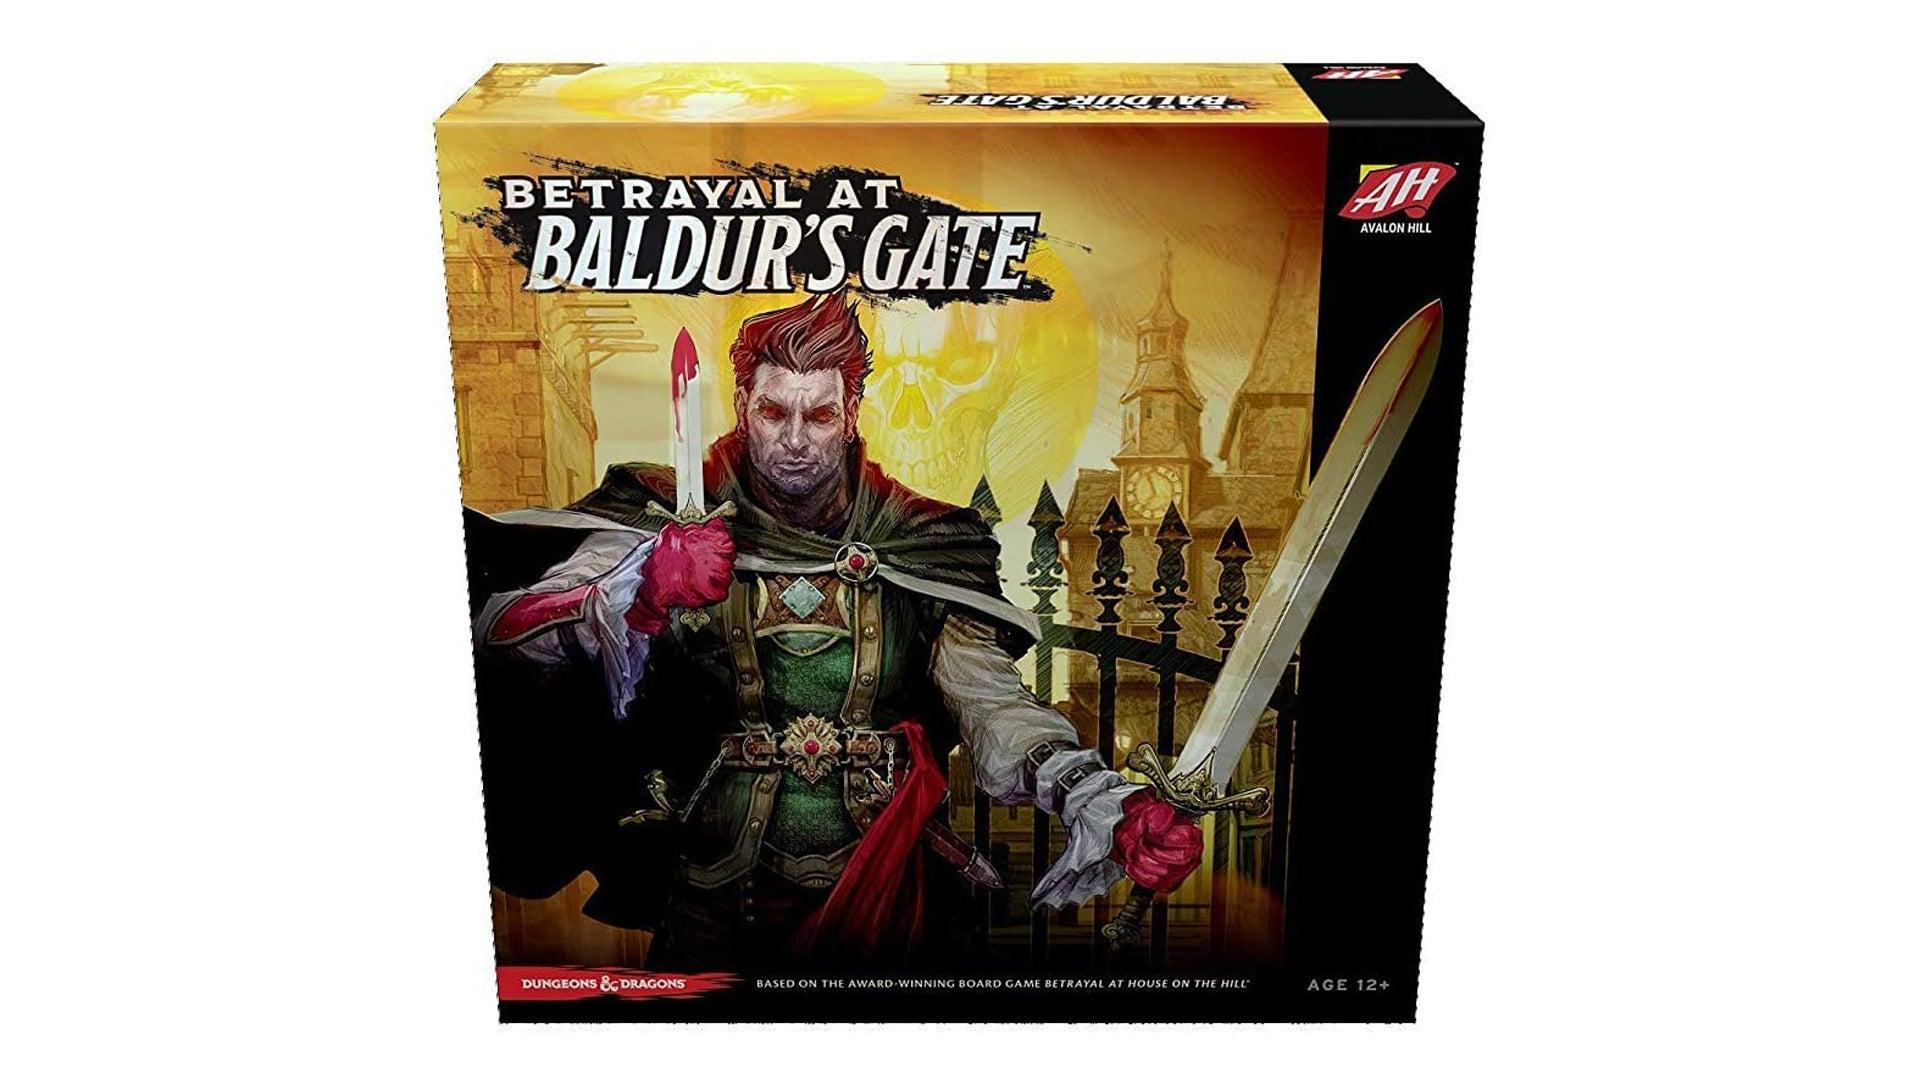 Betrayal at Baldur's Gate board game box